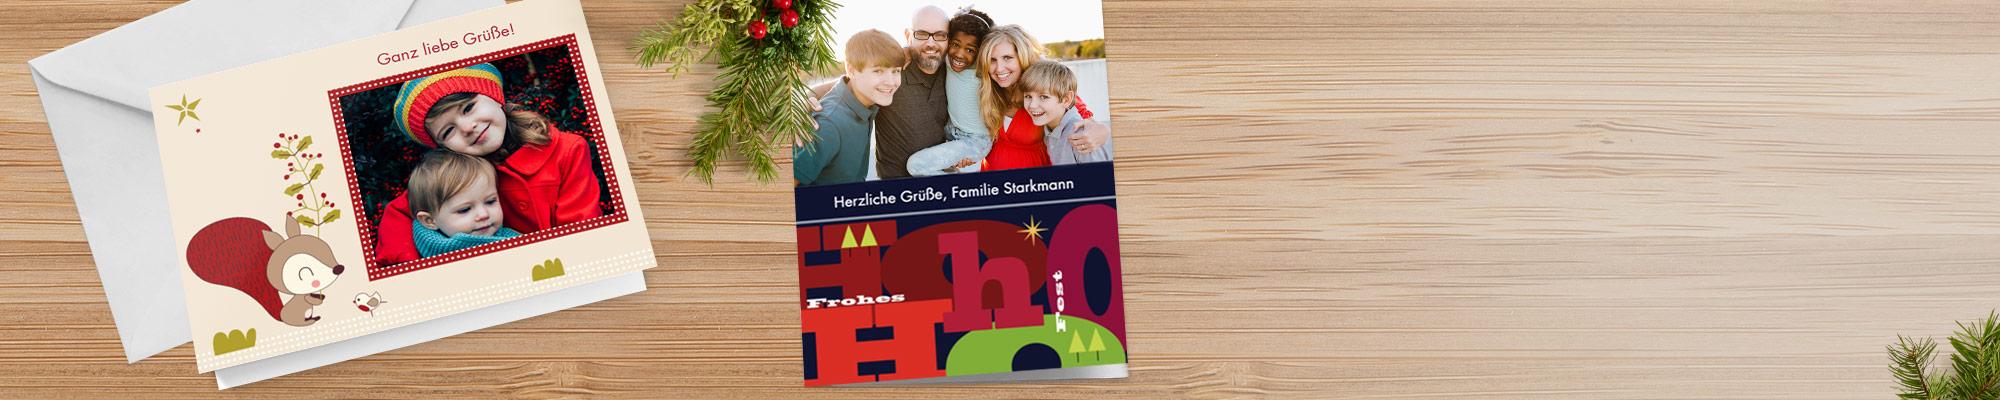 Grußkarten und Einladungen Versenden Sie Ihre festlichen Grüße in atemberaubenden Designs, geeignet zum Bewundern an jedem Kühlschrank und Kamin.